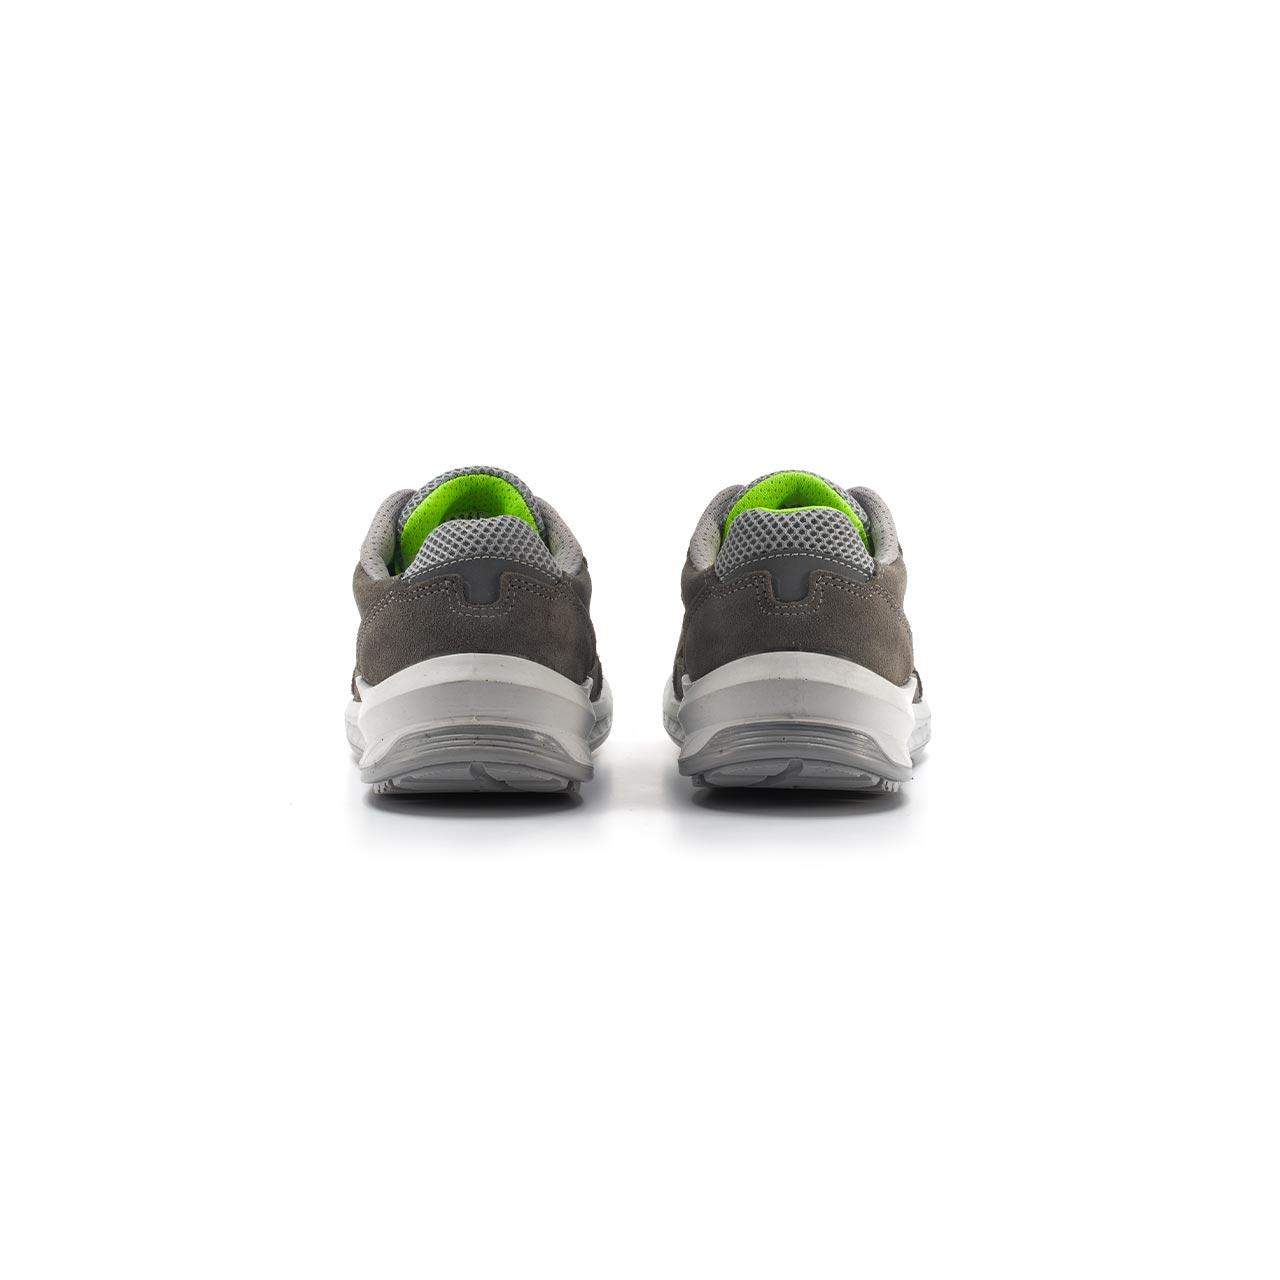 paio di scarpe antinfortunistiche upower modello rio linea redindustry vista retro